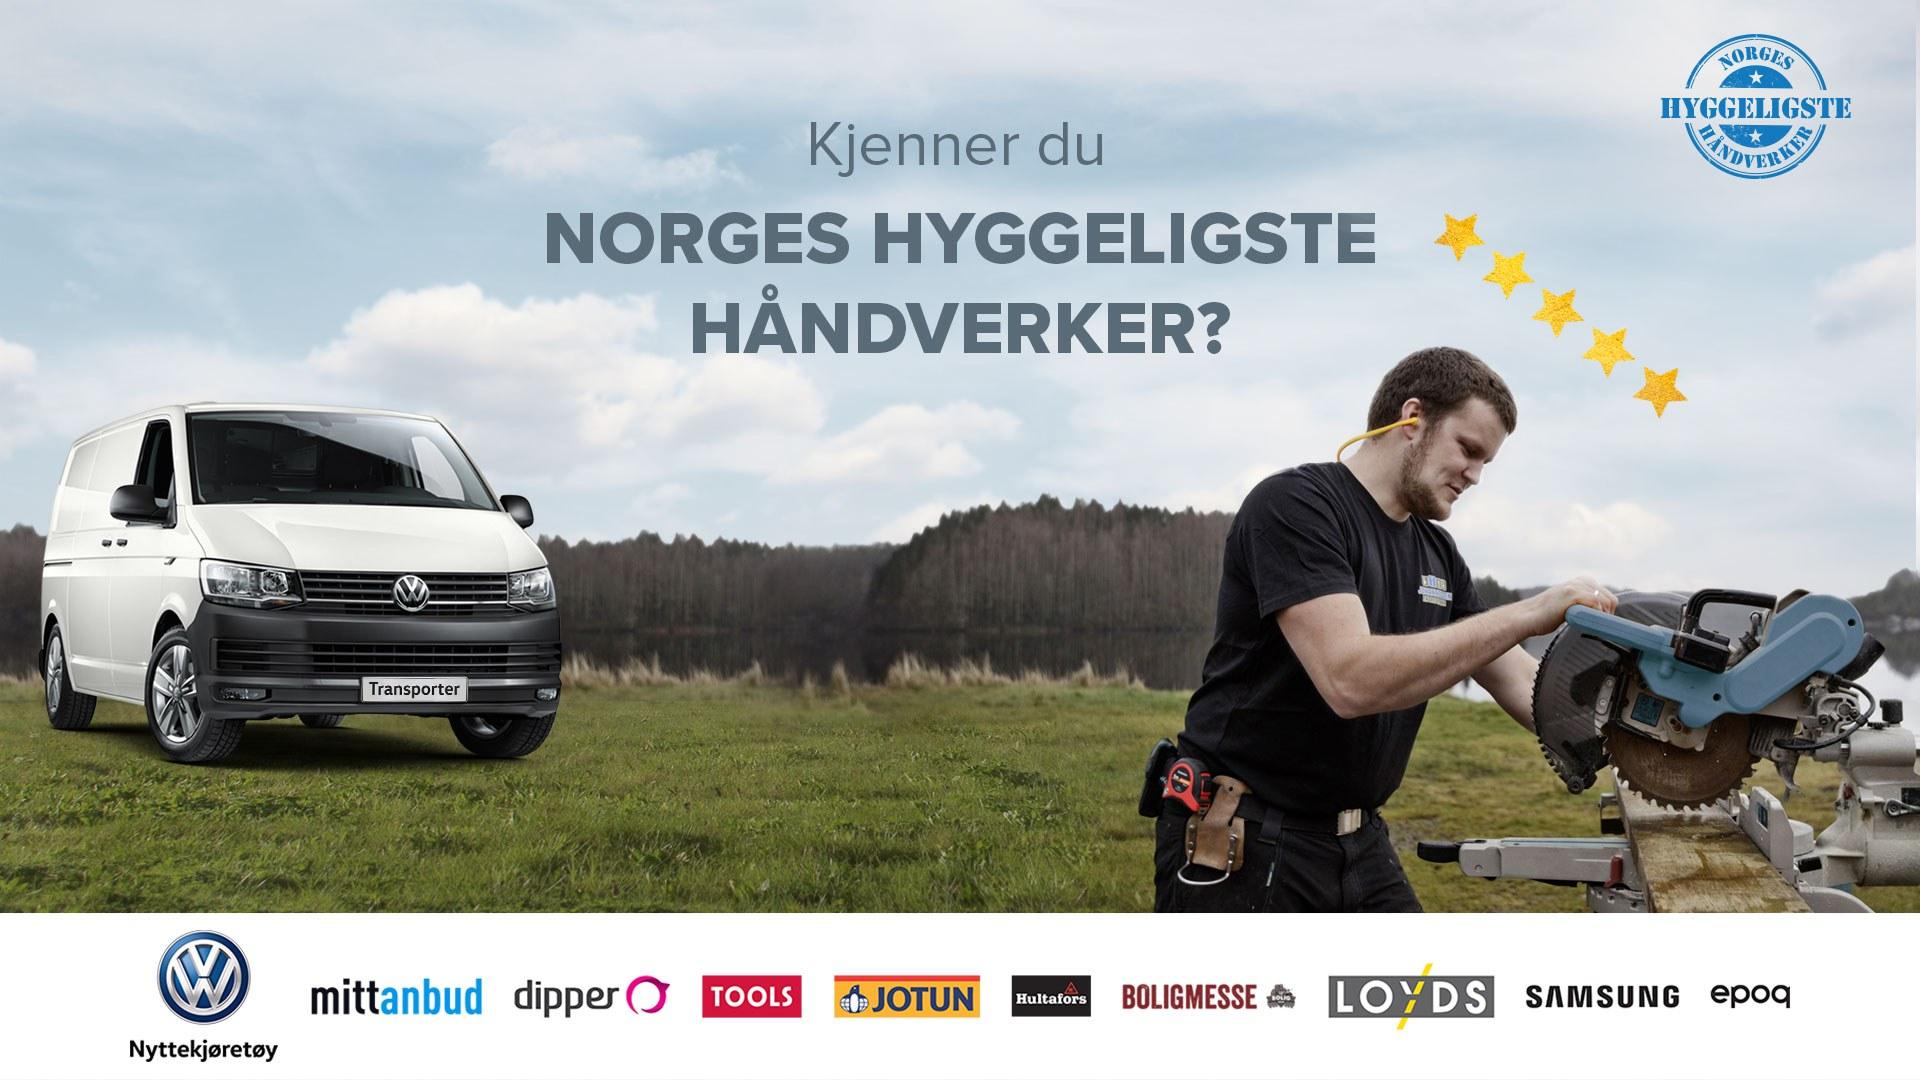 Hvem er Norges Hyggeligste Håndverker 2018?